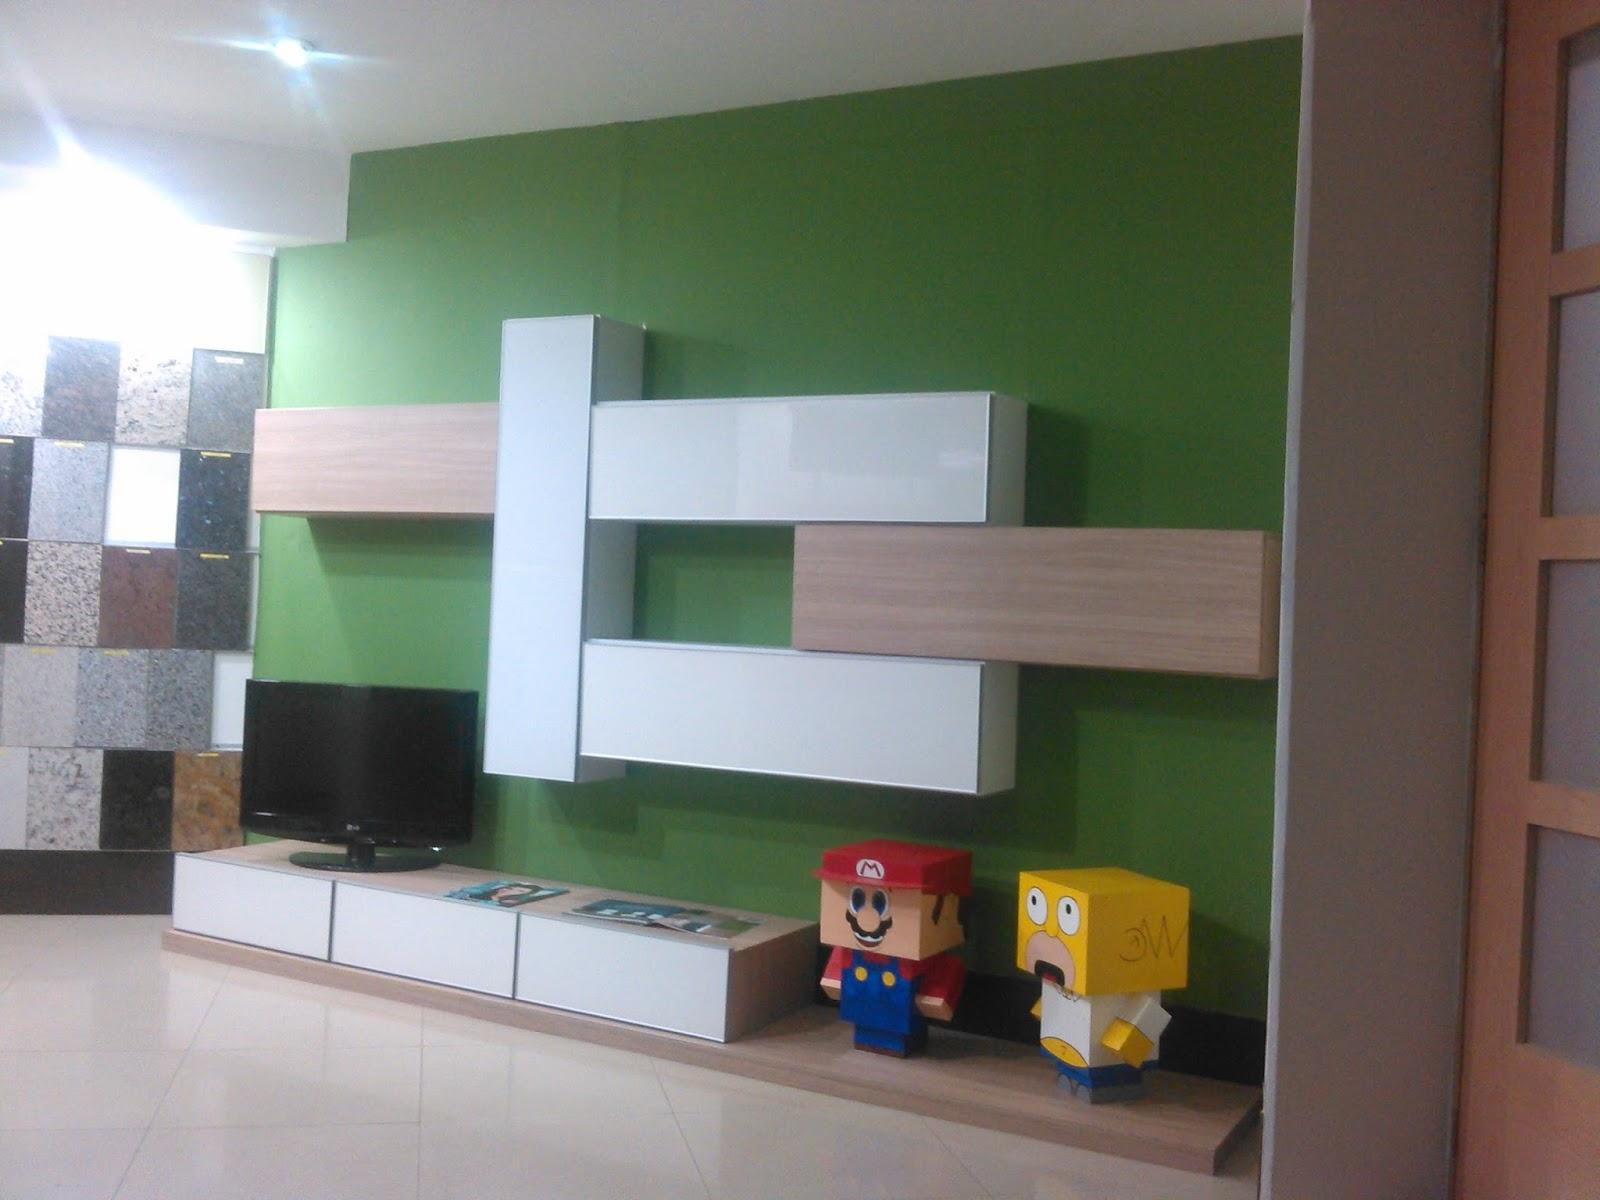 Te ayudamos a elegir el centro de entretenimiento perfecto  - imagenes de muebles centro de entretenimiento